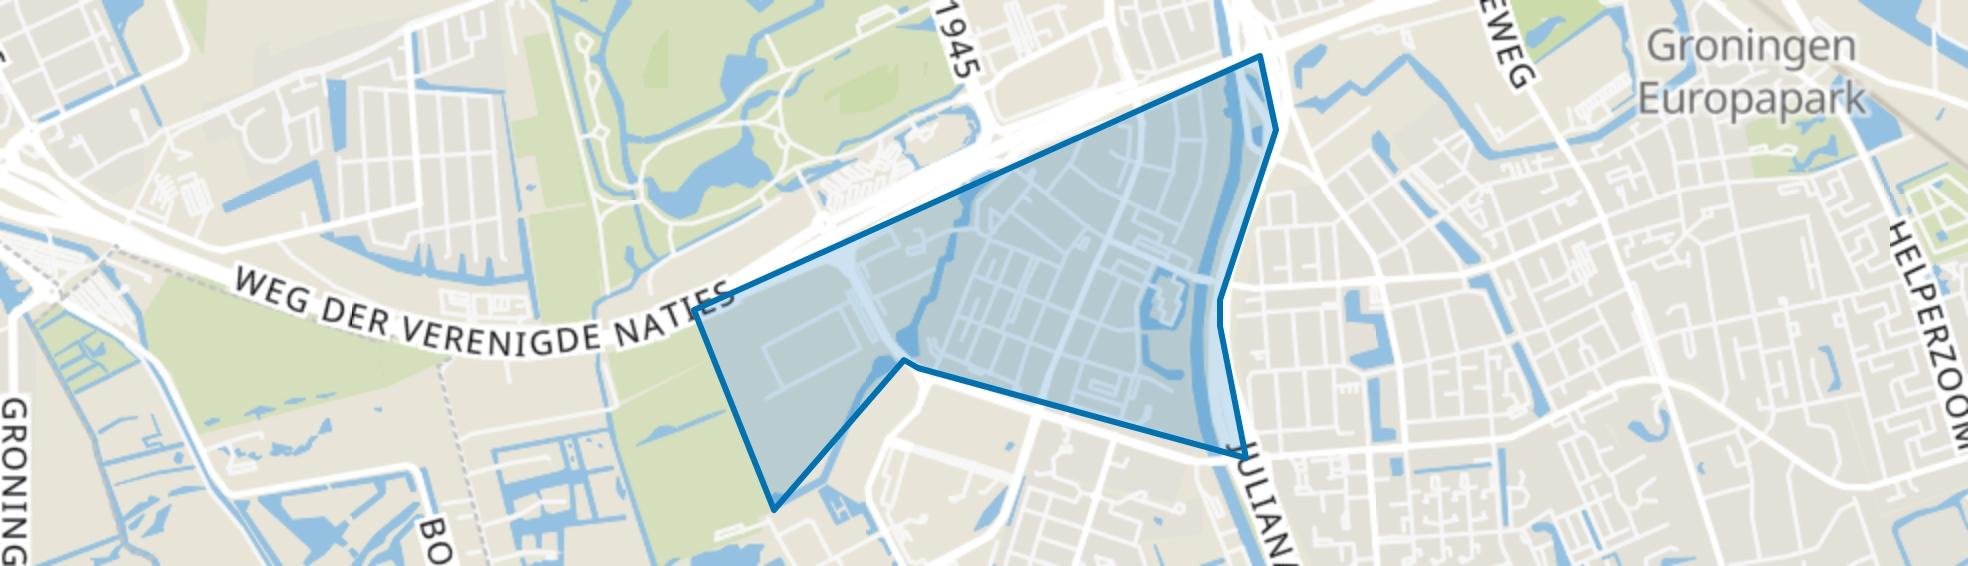 Corpus den Hoorn, Groningen map